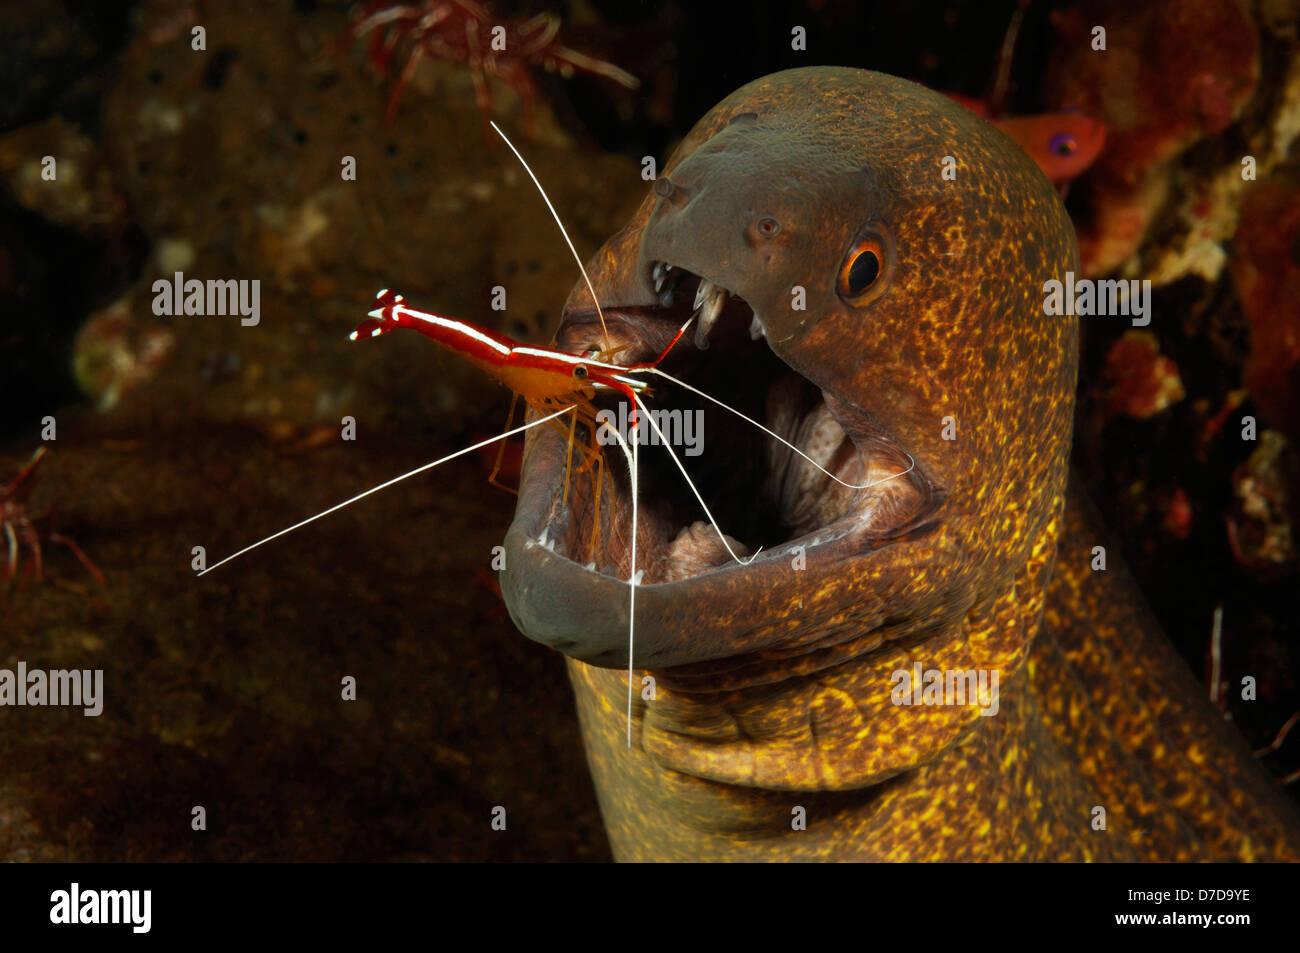 Filo-amarillo Moray limpiados por camarón limpiador de Skunk, Gymnothorax flavimarginatus, Lysmata amboniensis, Imagen De Stock